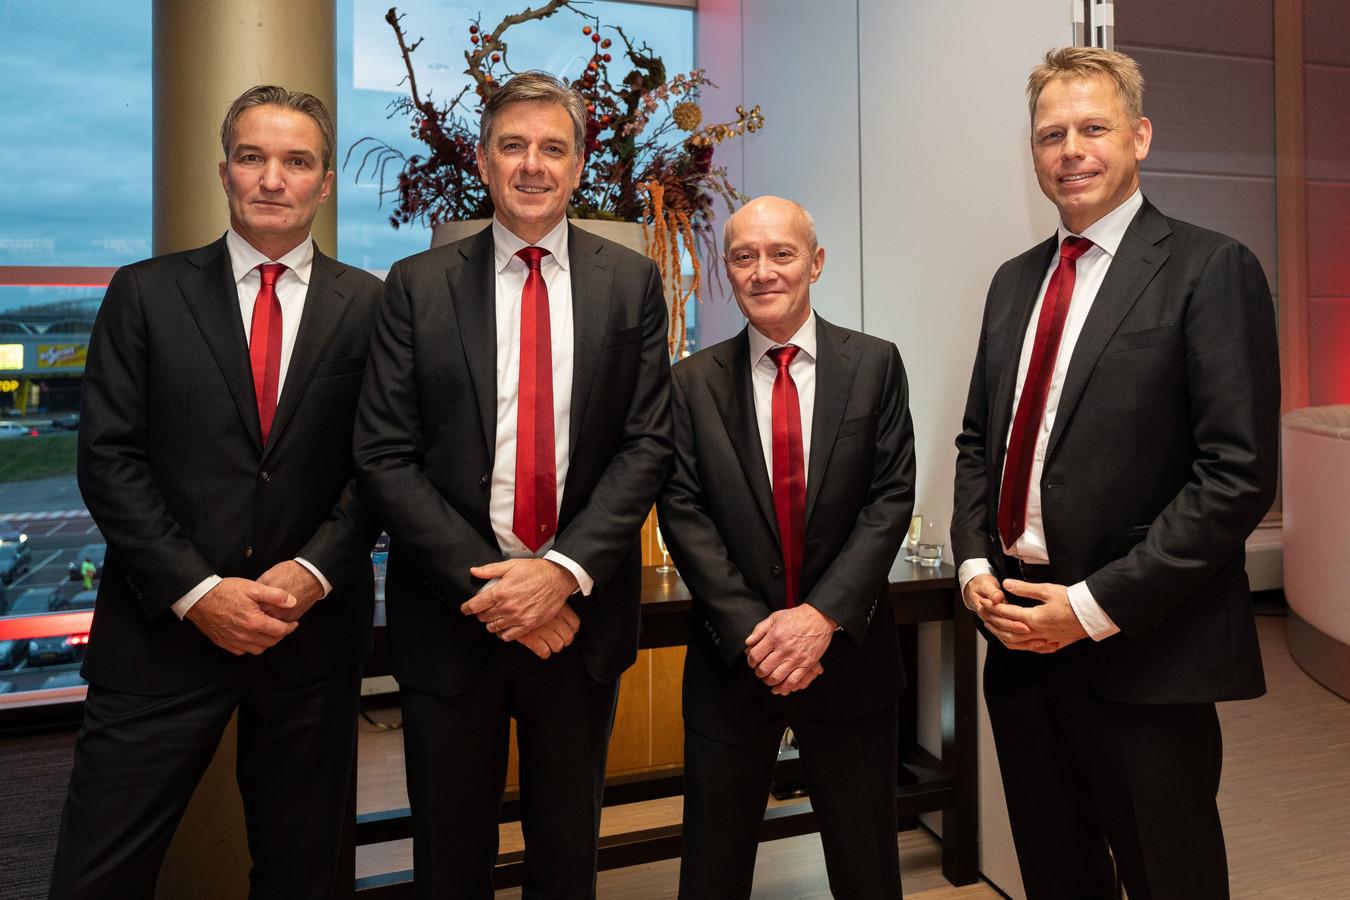 Feyenoord-directeur Mark Koevermans (links) naast directeur Jan van Merwijk van stadion Feijenoord. Naast Van Merwijk diens financieel directeur Carl Berg  en helemaal rechts Pieter Smorenburg, financieel directeur van Feyenoord. Deze foto werd gemaakt tijdens de nieuwjaarsreceptie van Feyenoord.